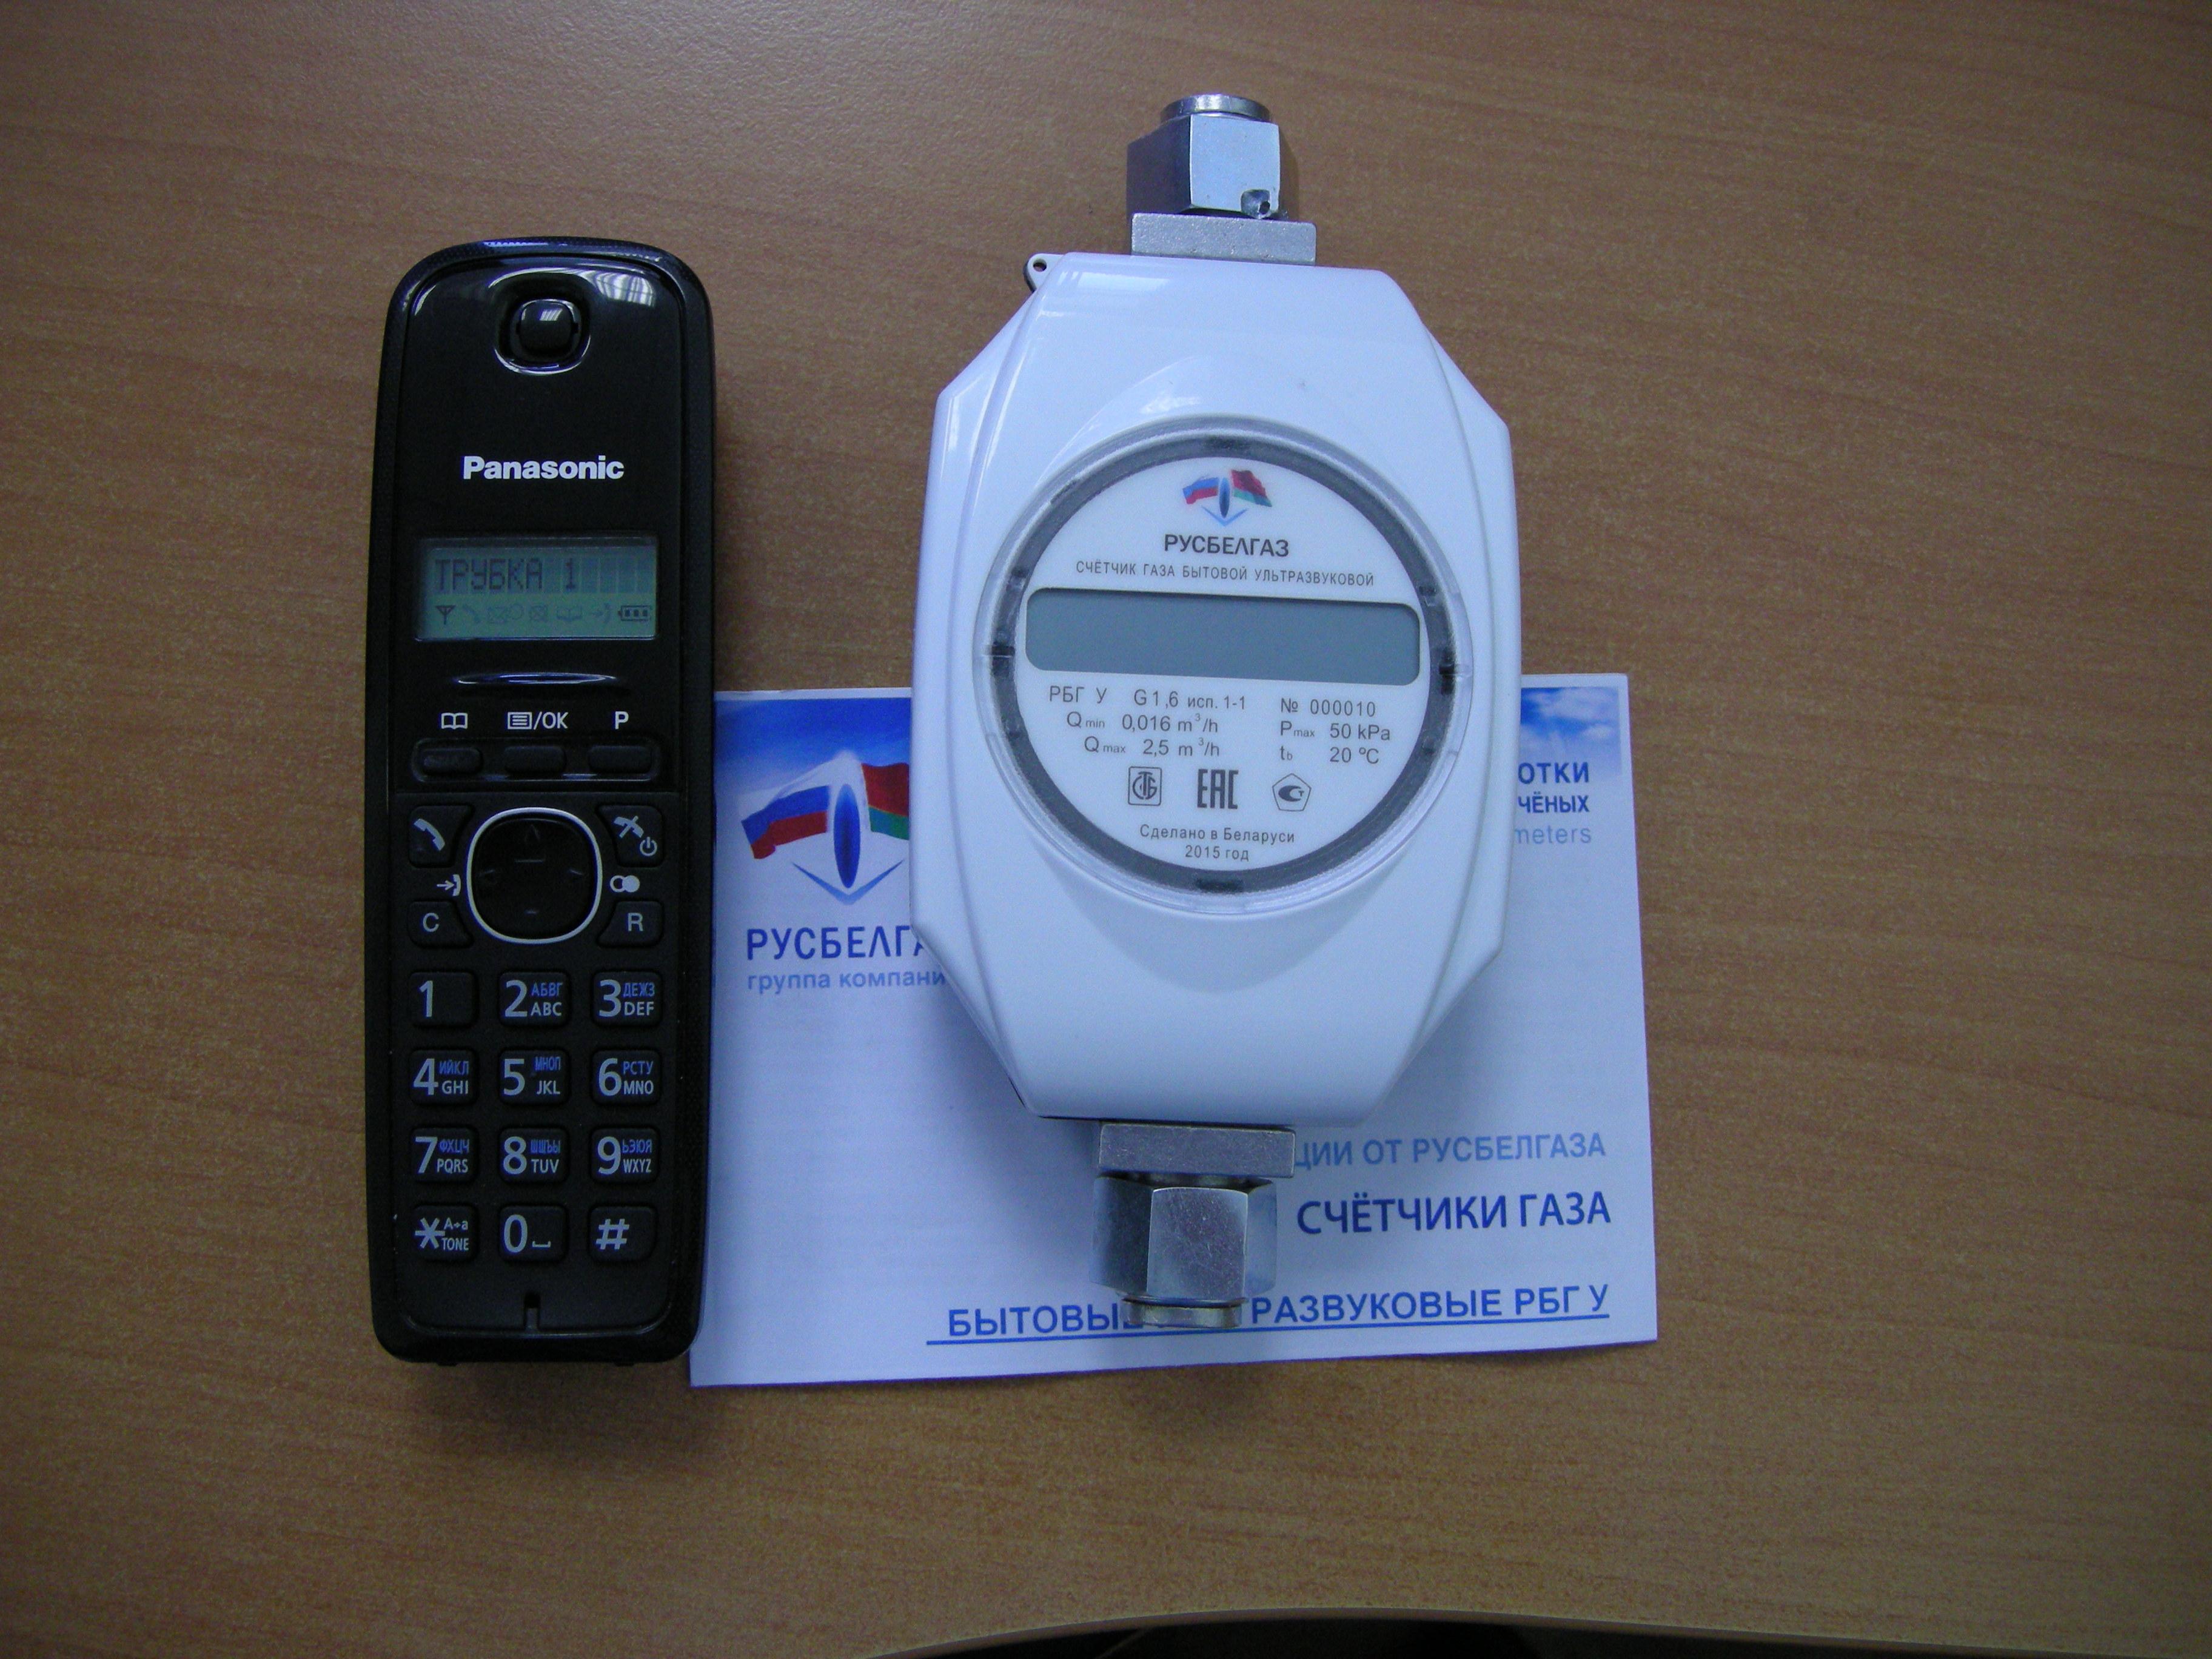 Газовый счетчик РусБелГаз и стационарный телефон